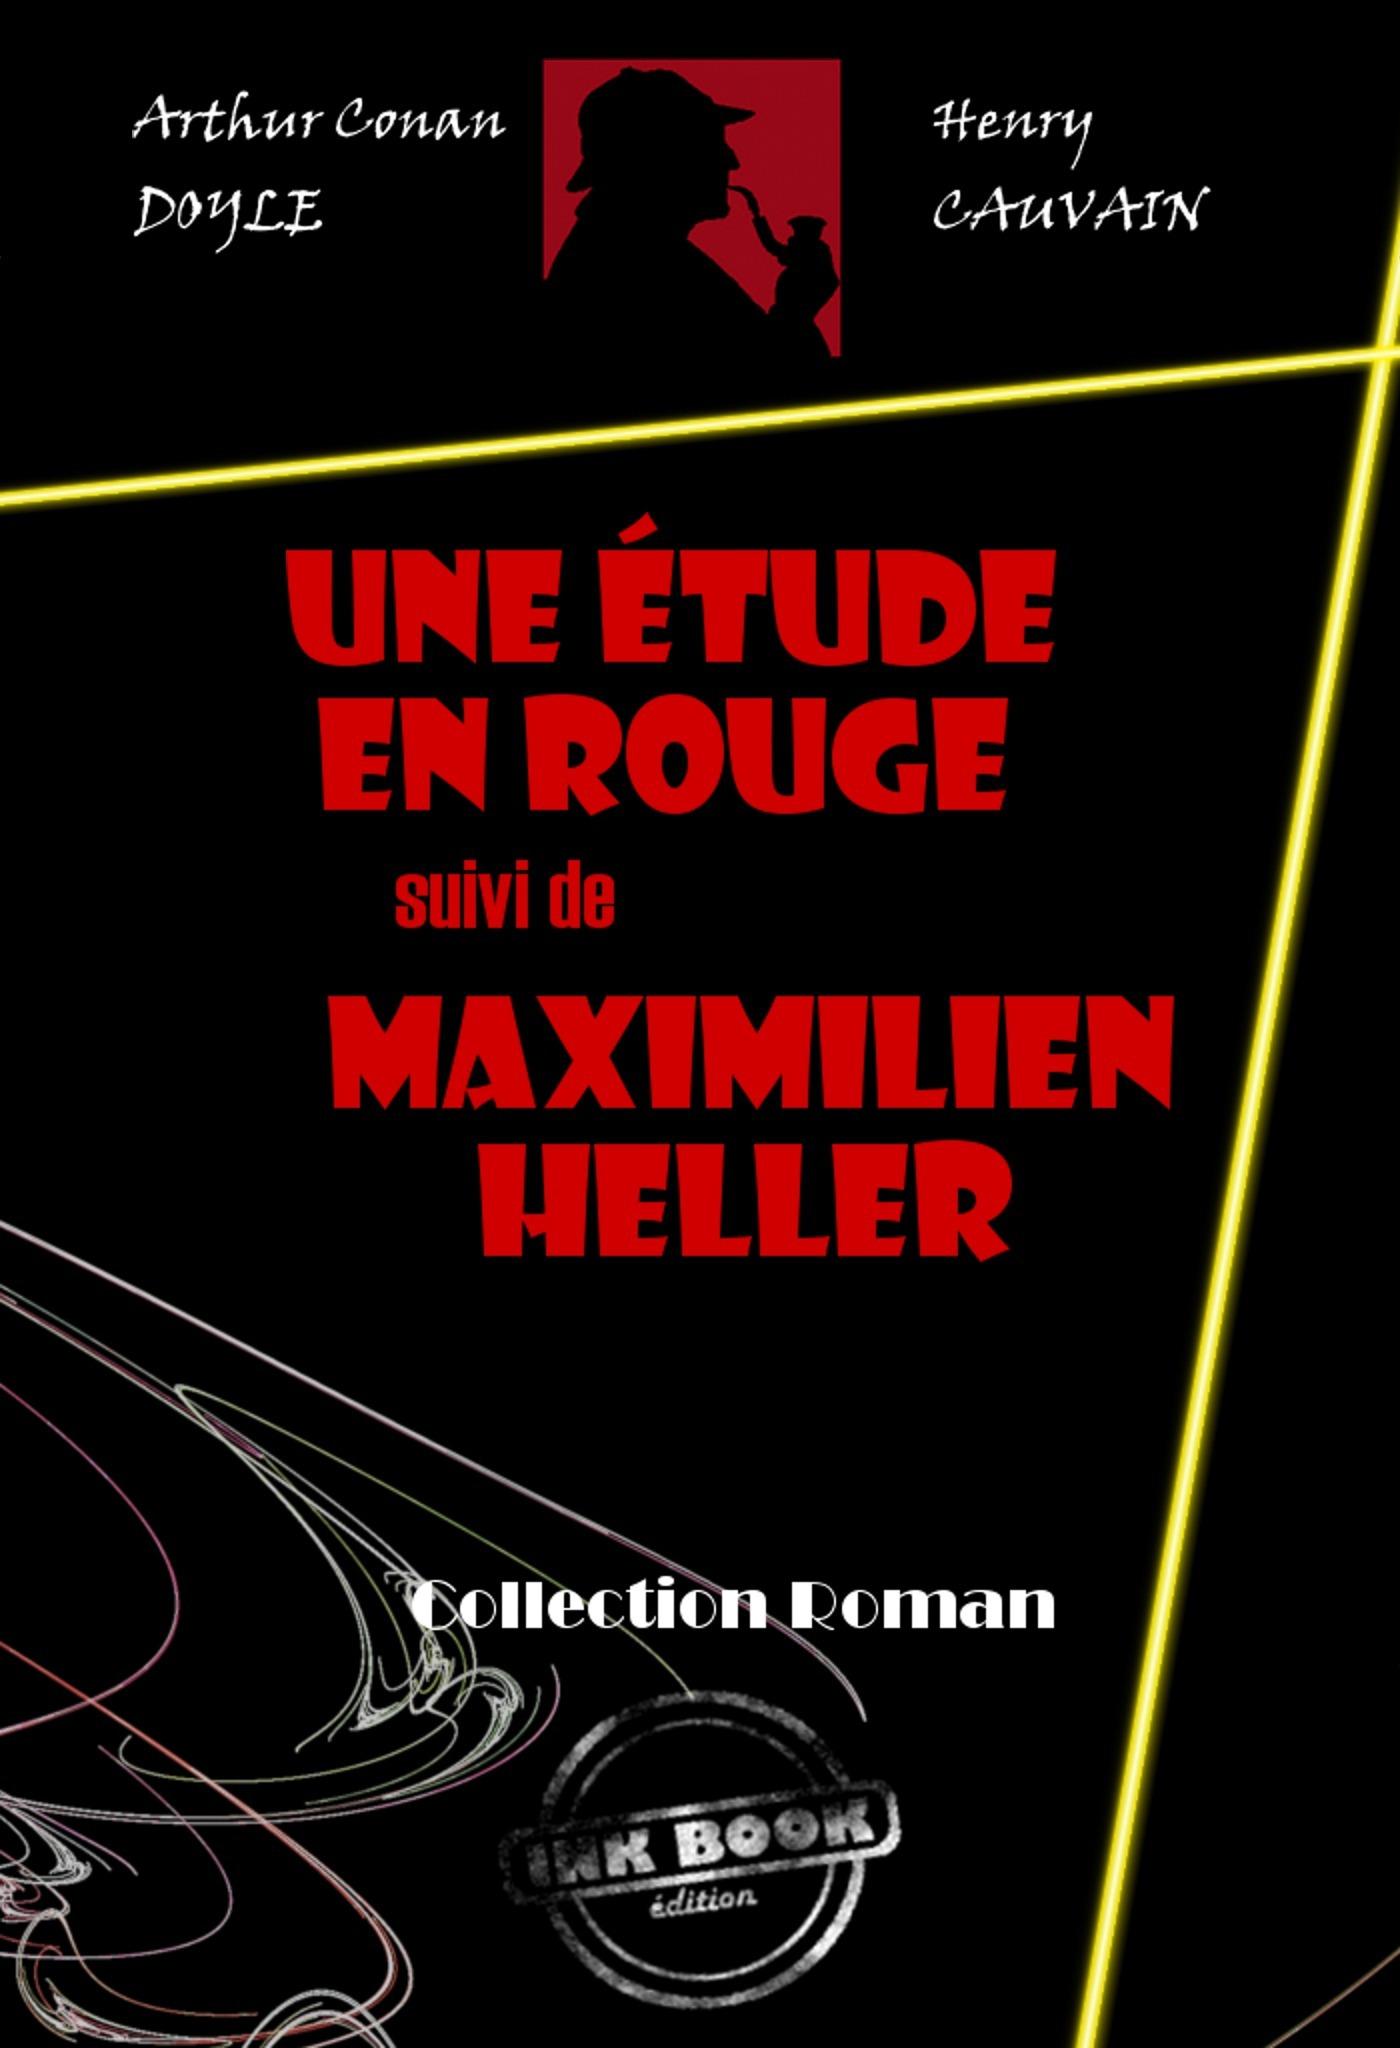 Une étude en rouge ; Maximilien Heller